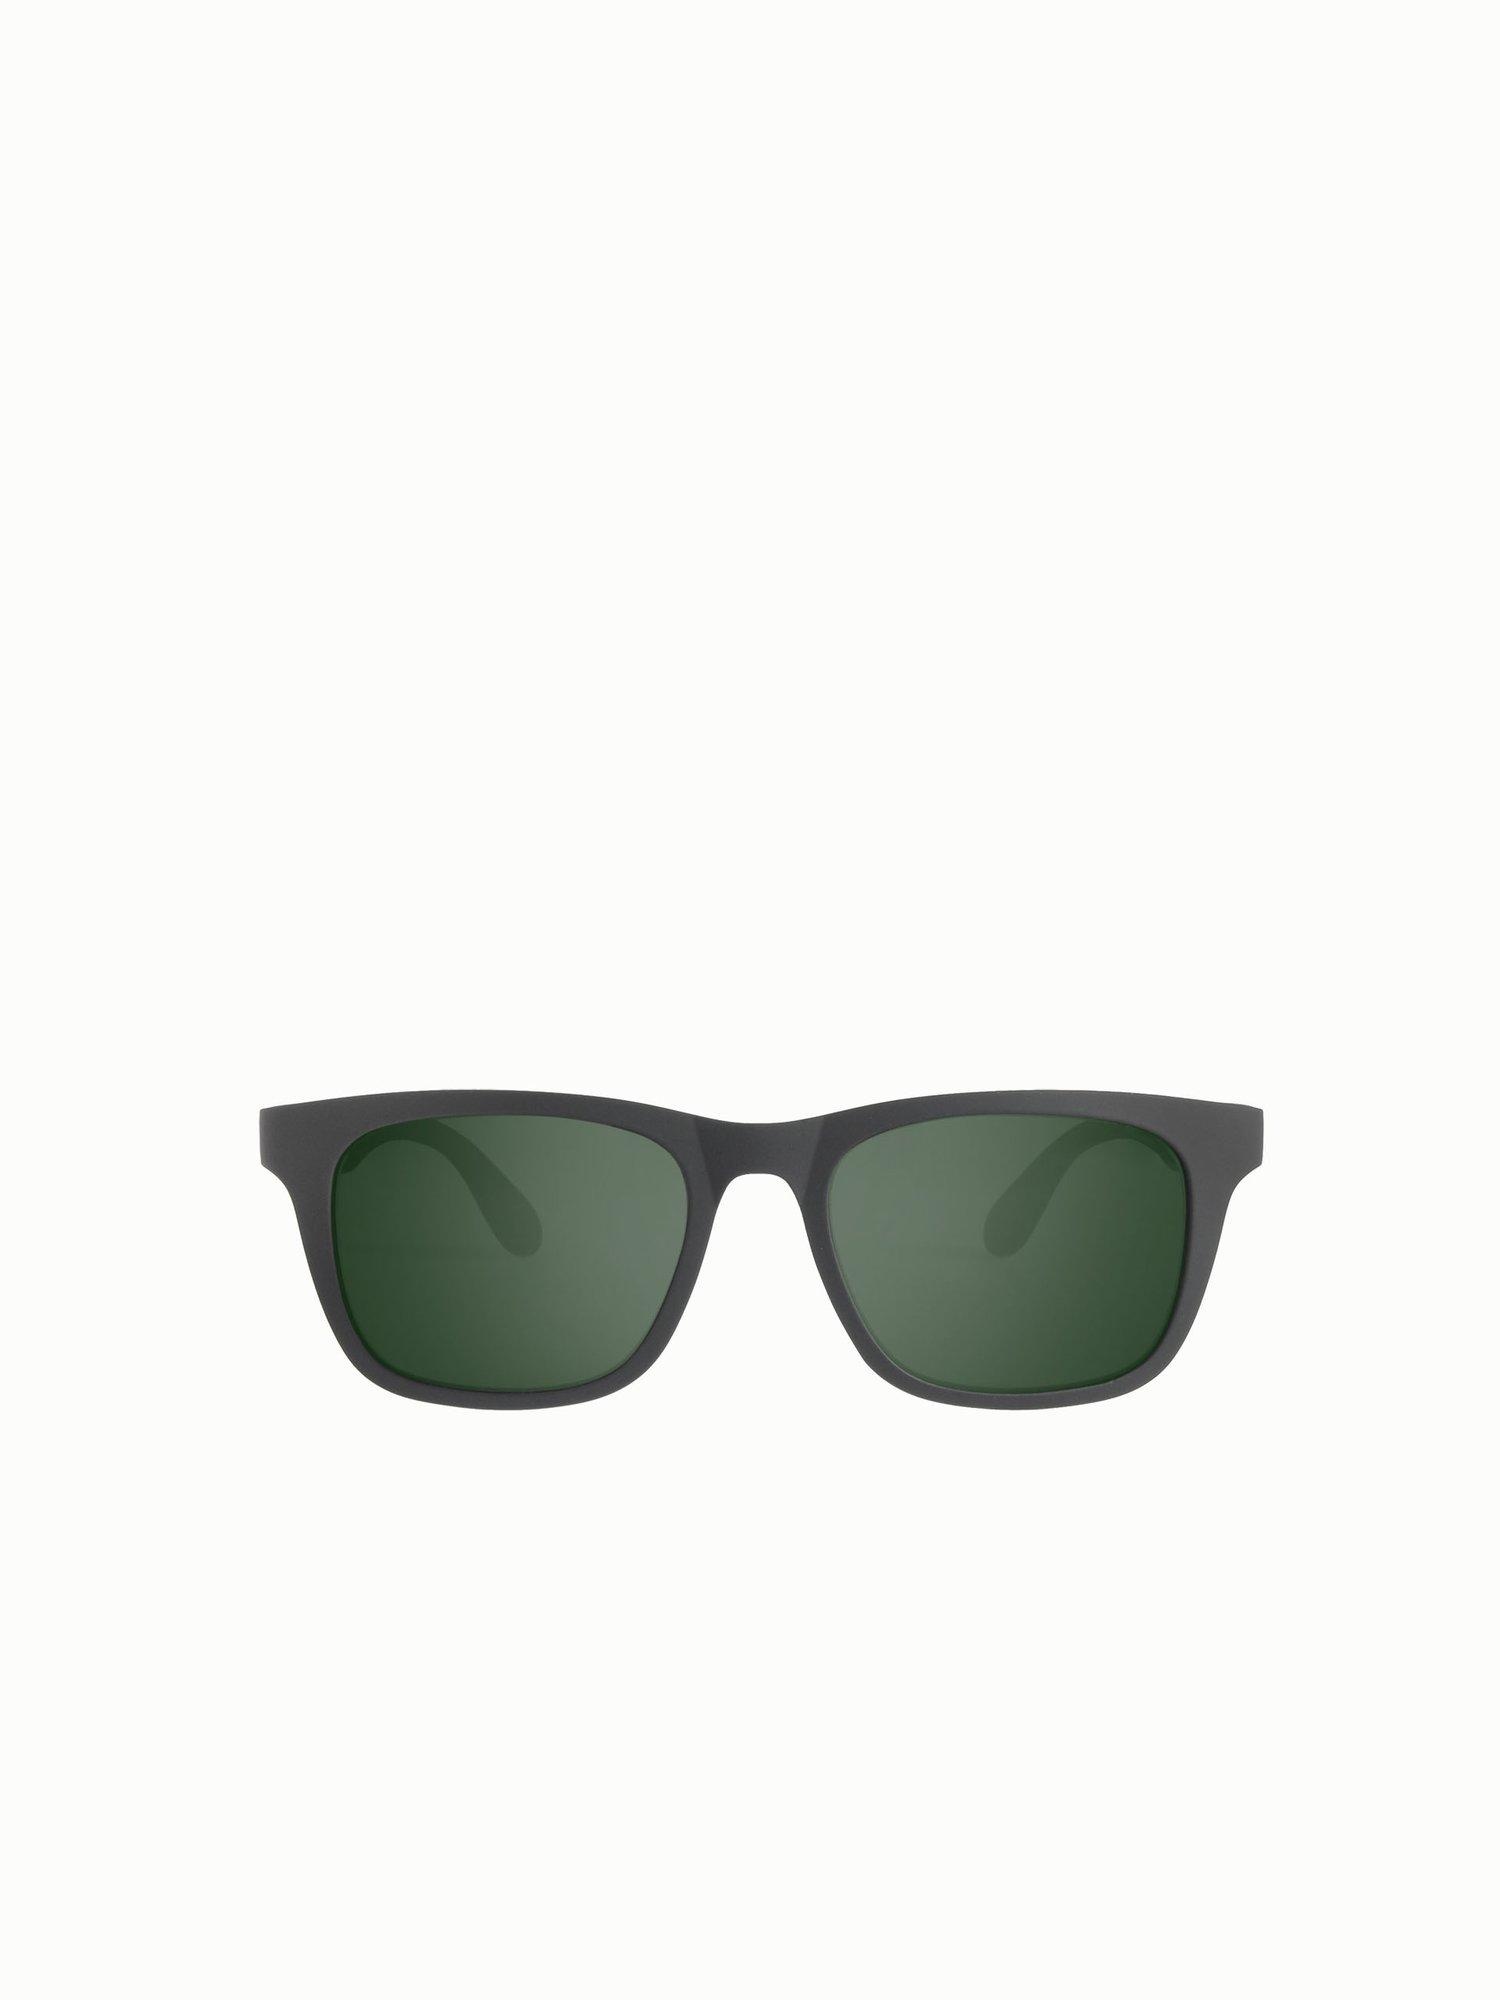 Occhiali Da Sole Uomo Yachting - Grigio Scuro / Navy / Verde /